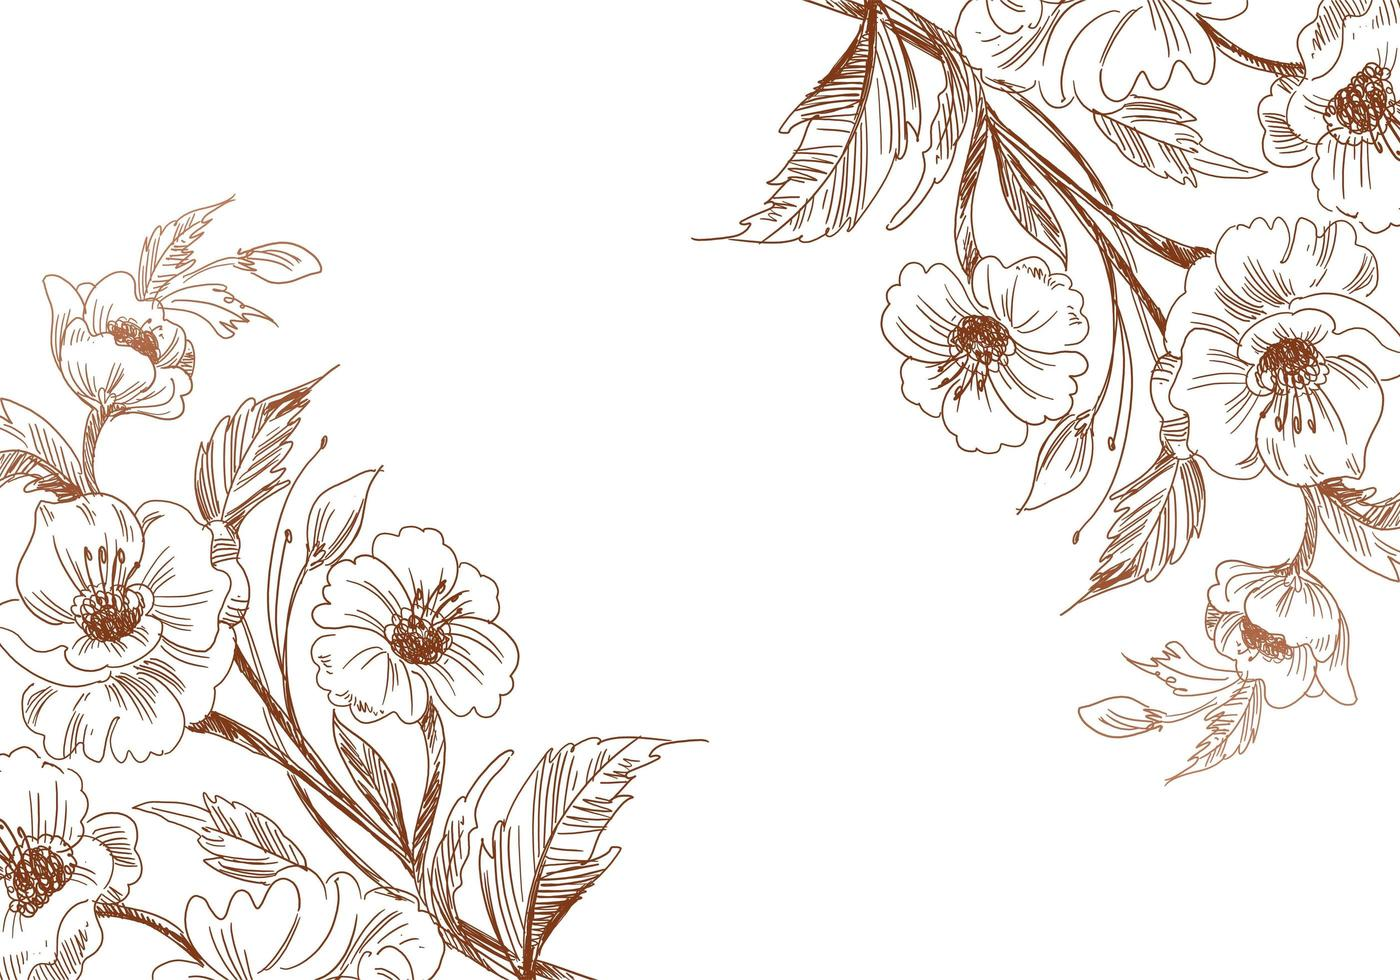 künstlerische Vintage Skizze Hochzeit Blume Ecken vektor